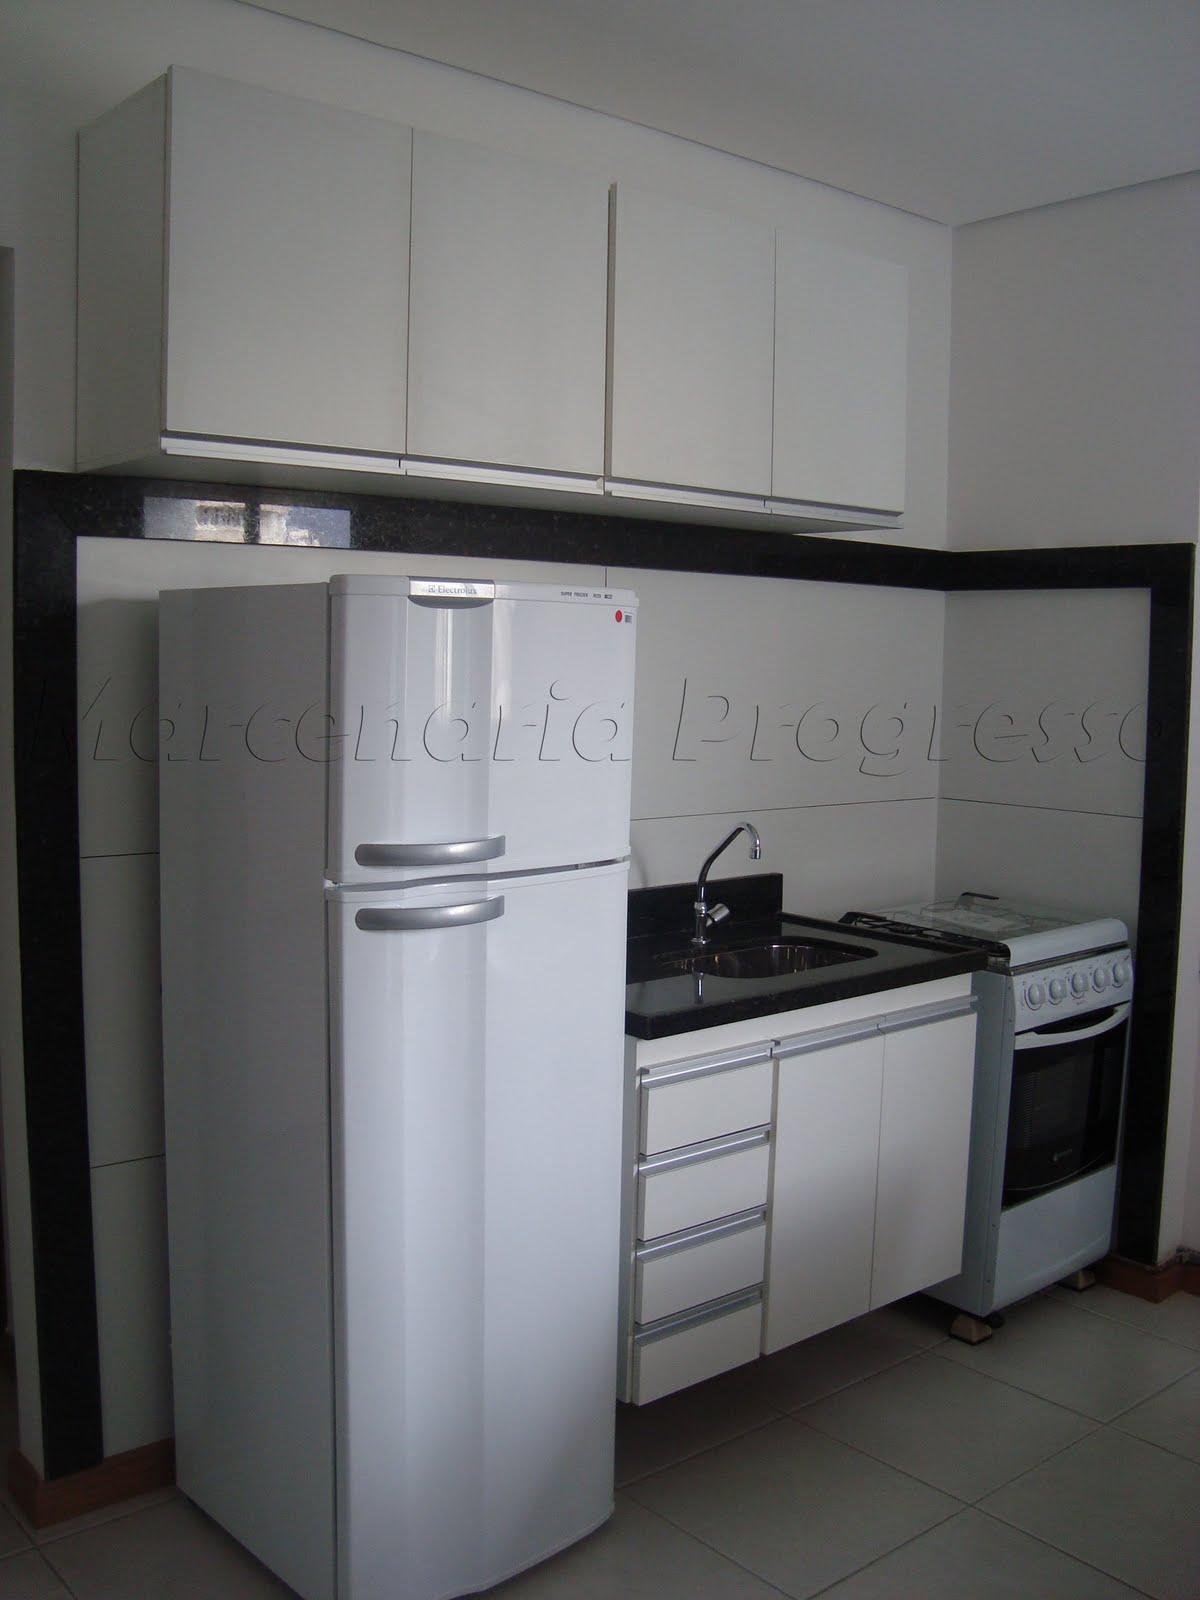 #5B6270 projeto da arquiteta beatriz resende armario de cozinha em mdf branco  1200x1600 px Projetos De Cozinha Mdf #365 imagens